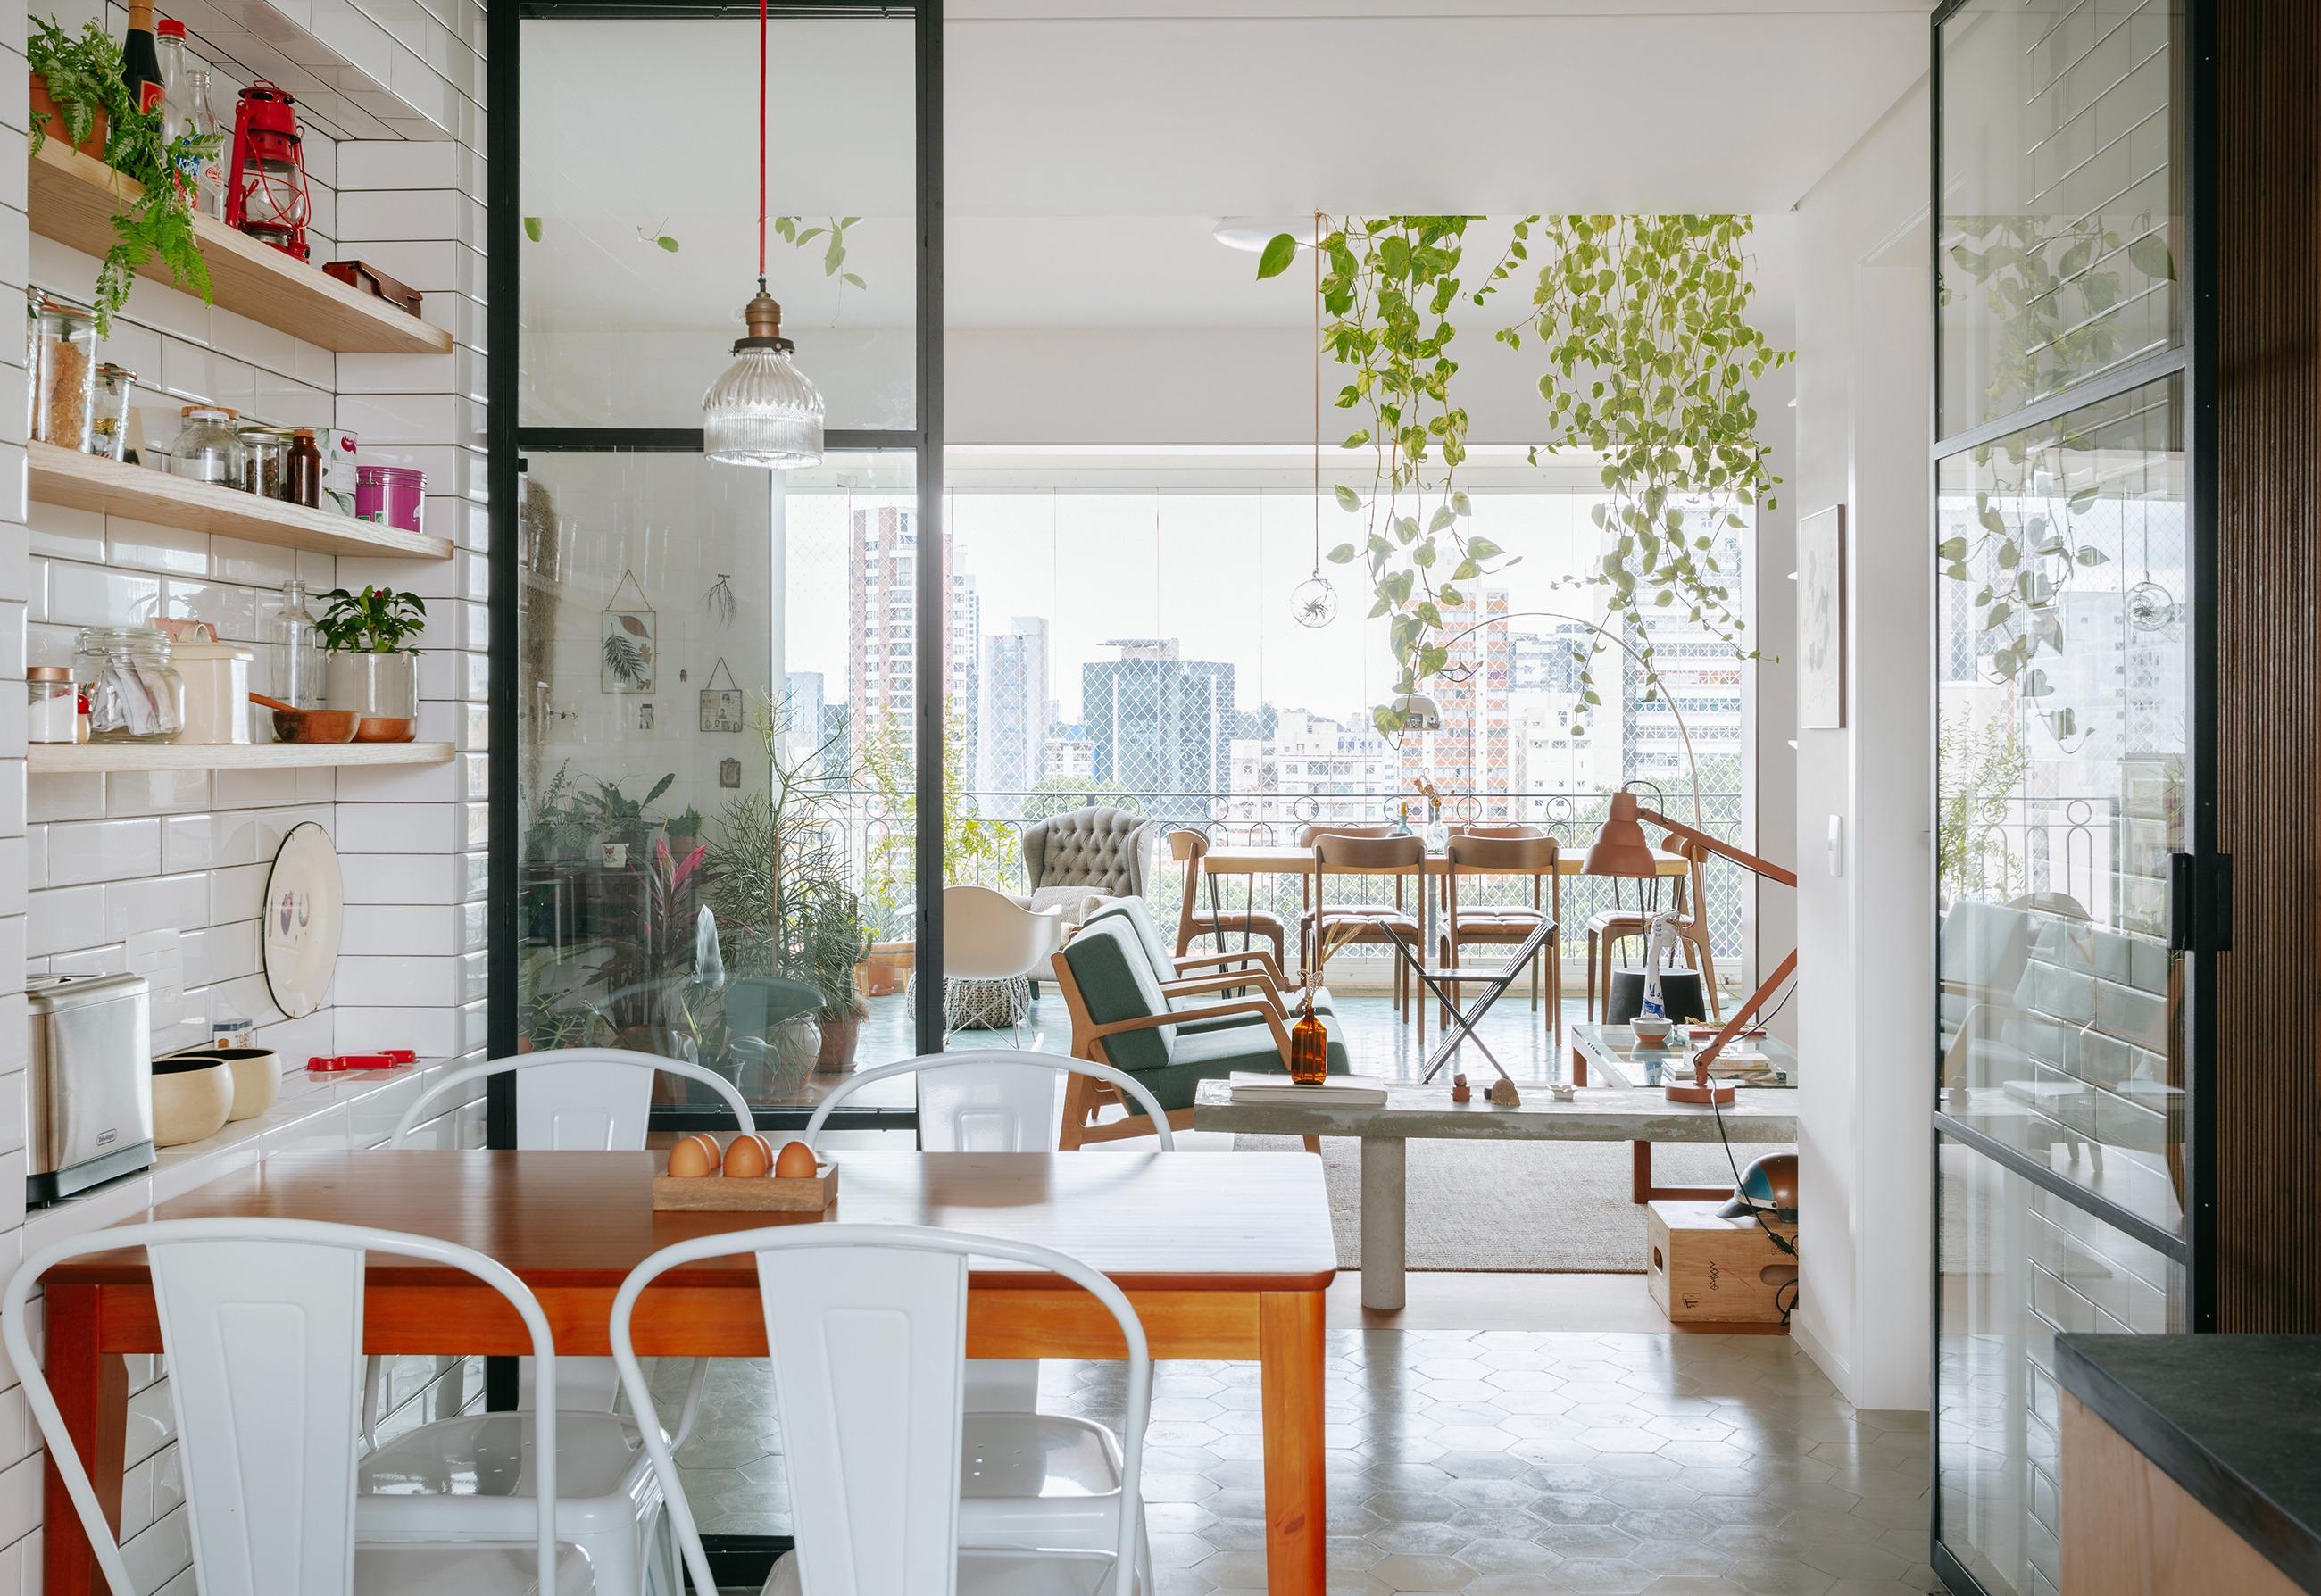 Cozinha integrada com portas de serralheria e vidro